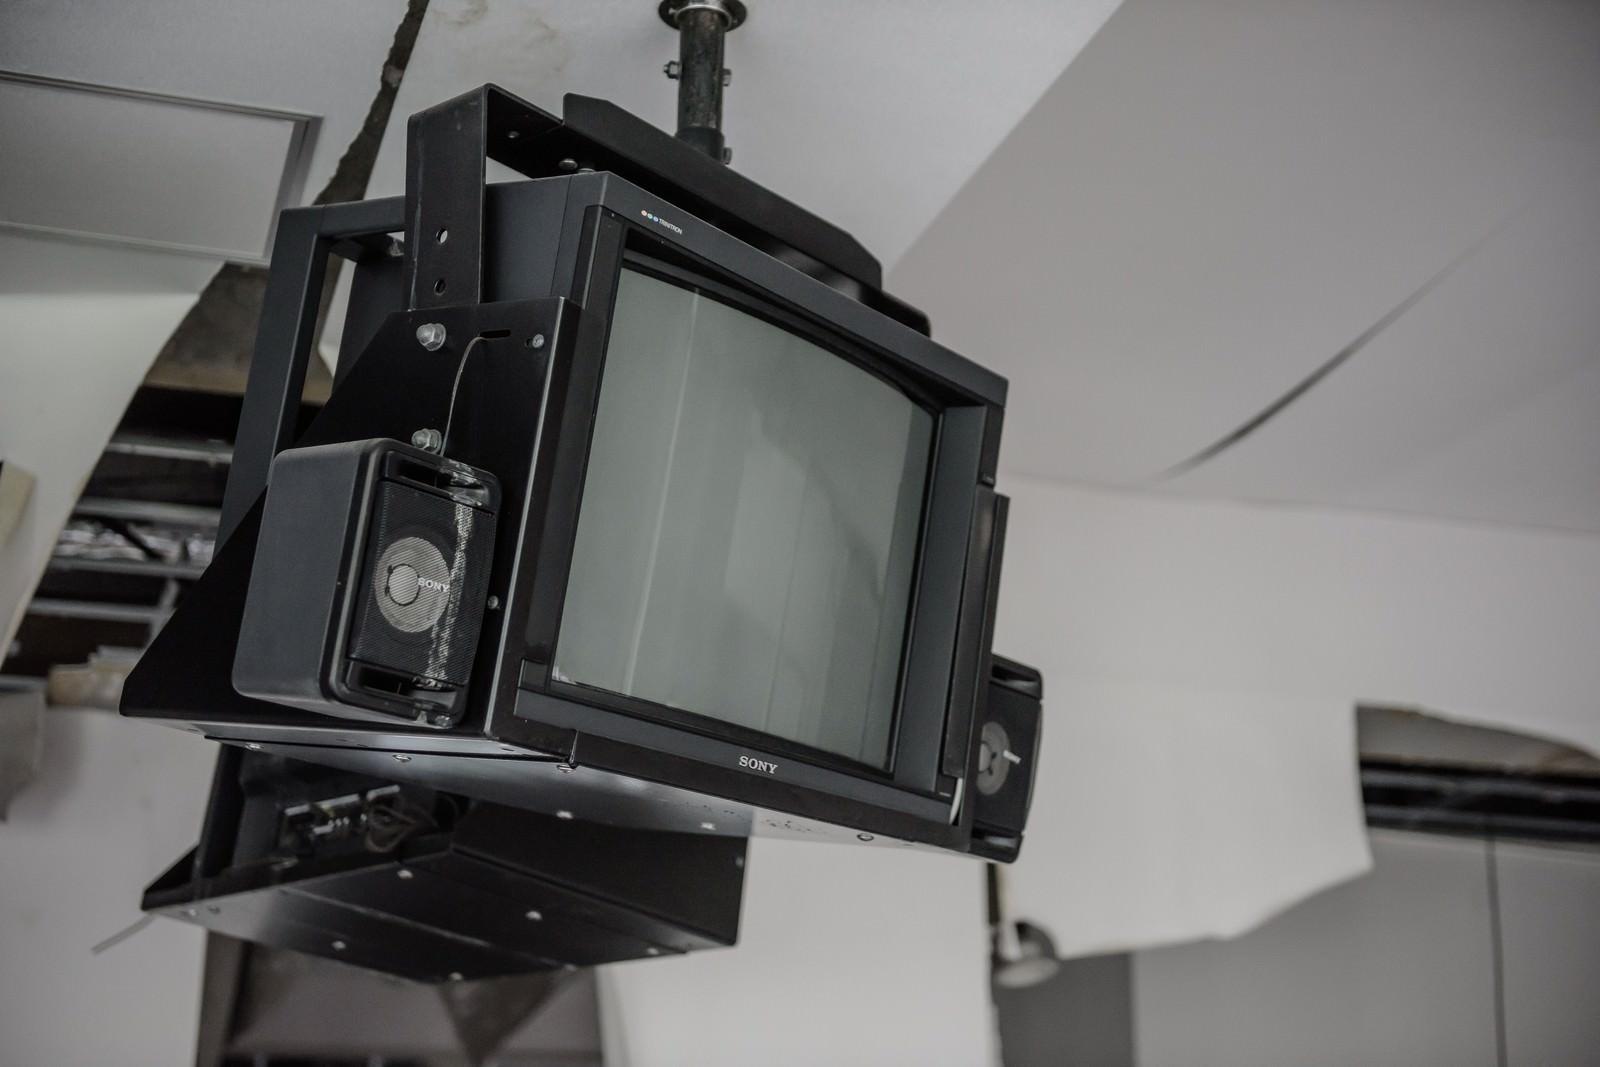 「ずっと使われていない天井吊りのテレビ」の写真